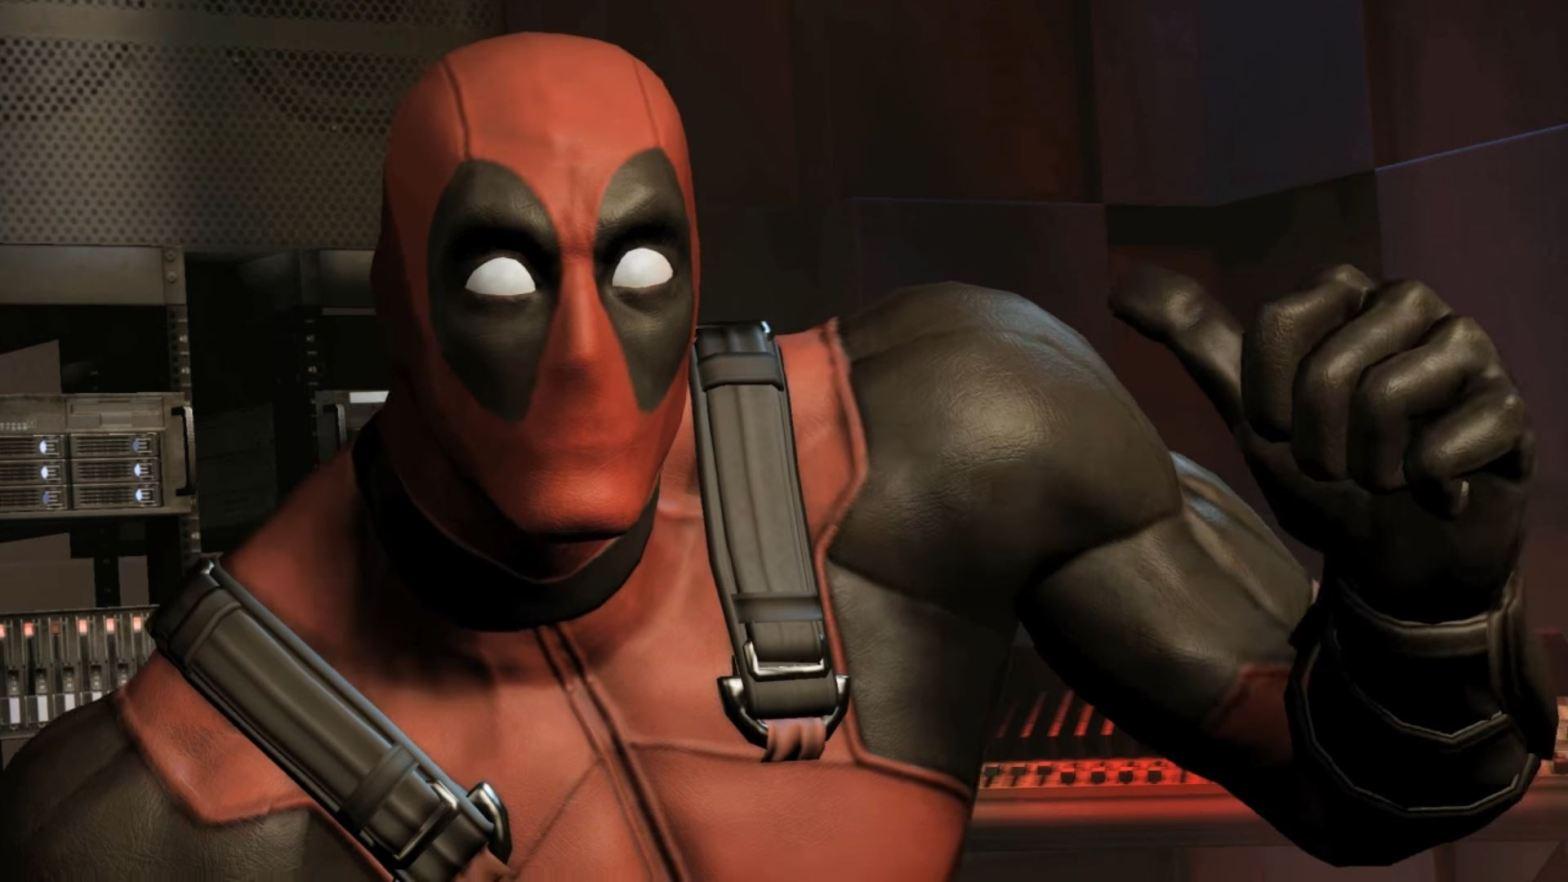 deadpool video game screenshot